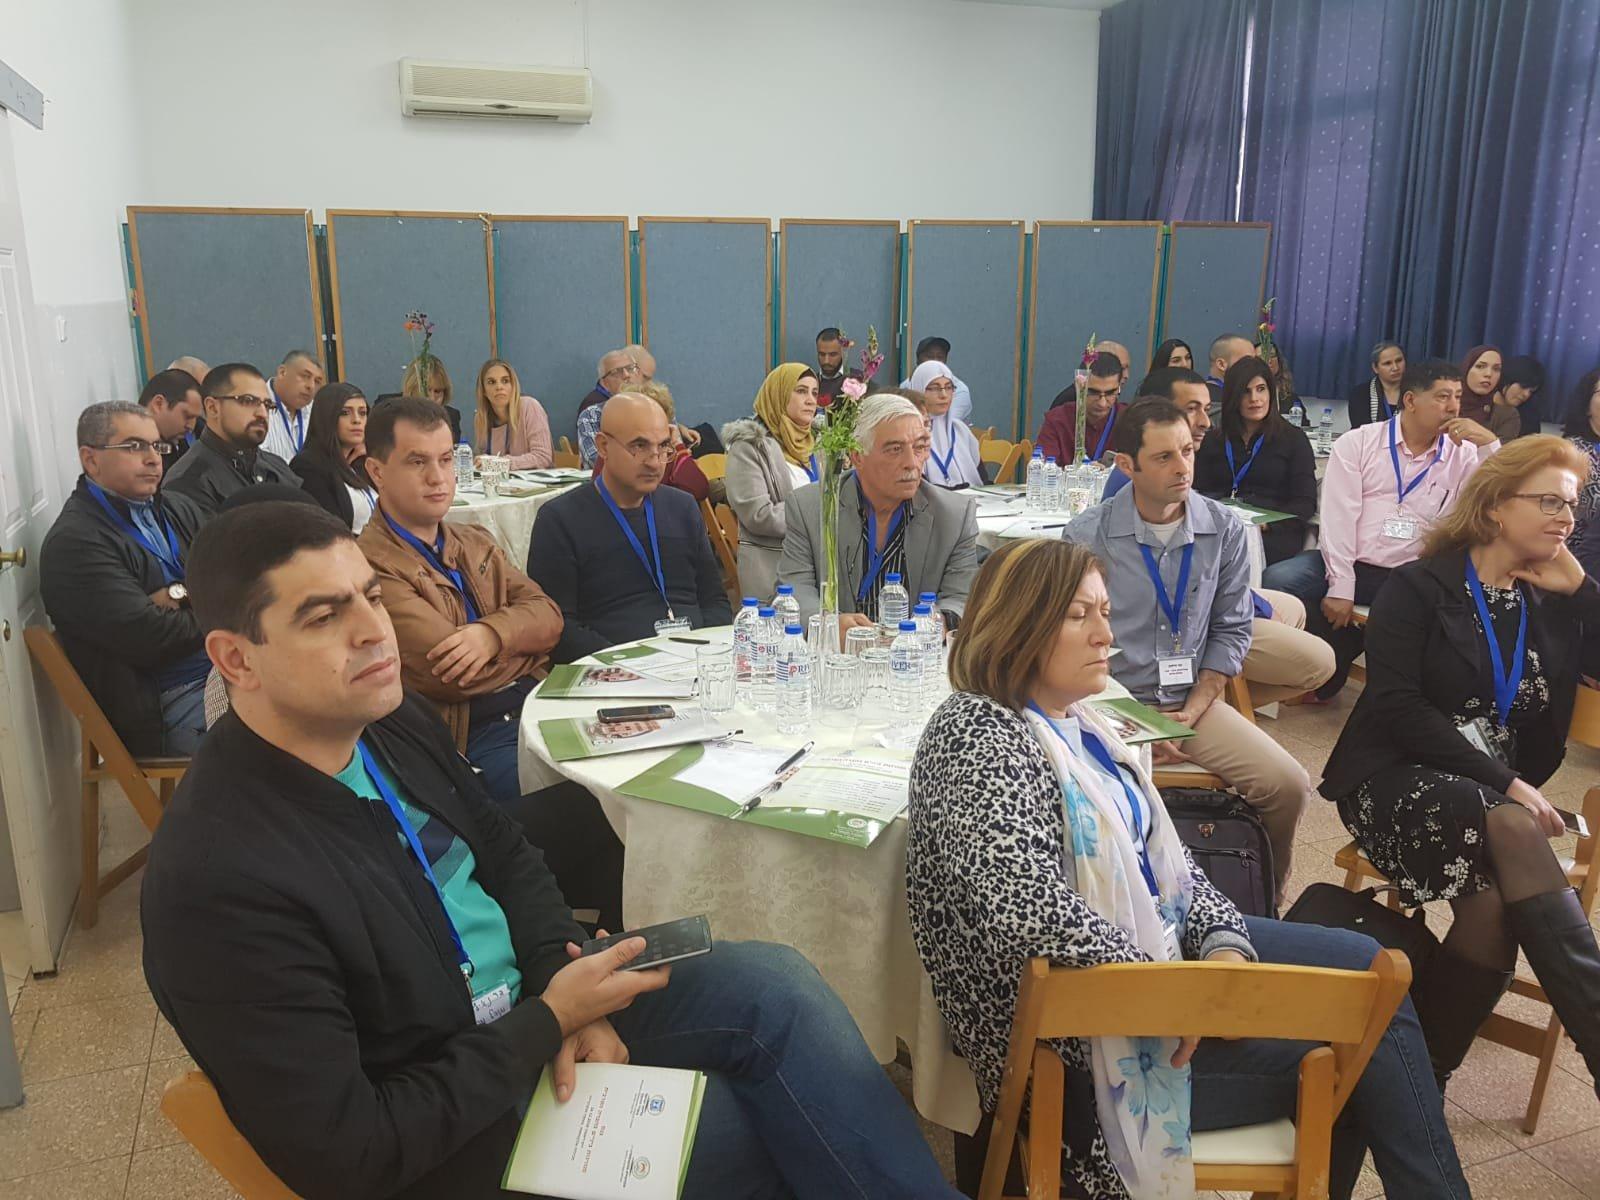 وزارة التّربية : القاسمي تستضيف مؤتمر  لقياديّين في جهاز التّعليم من درجة القيادة الوسطى